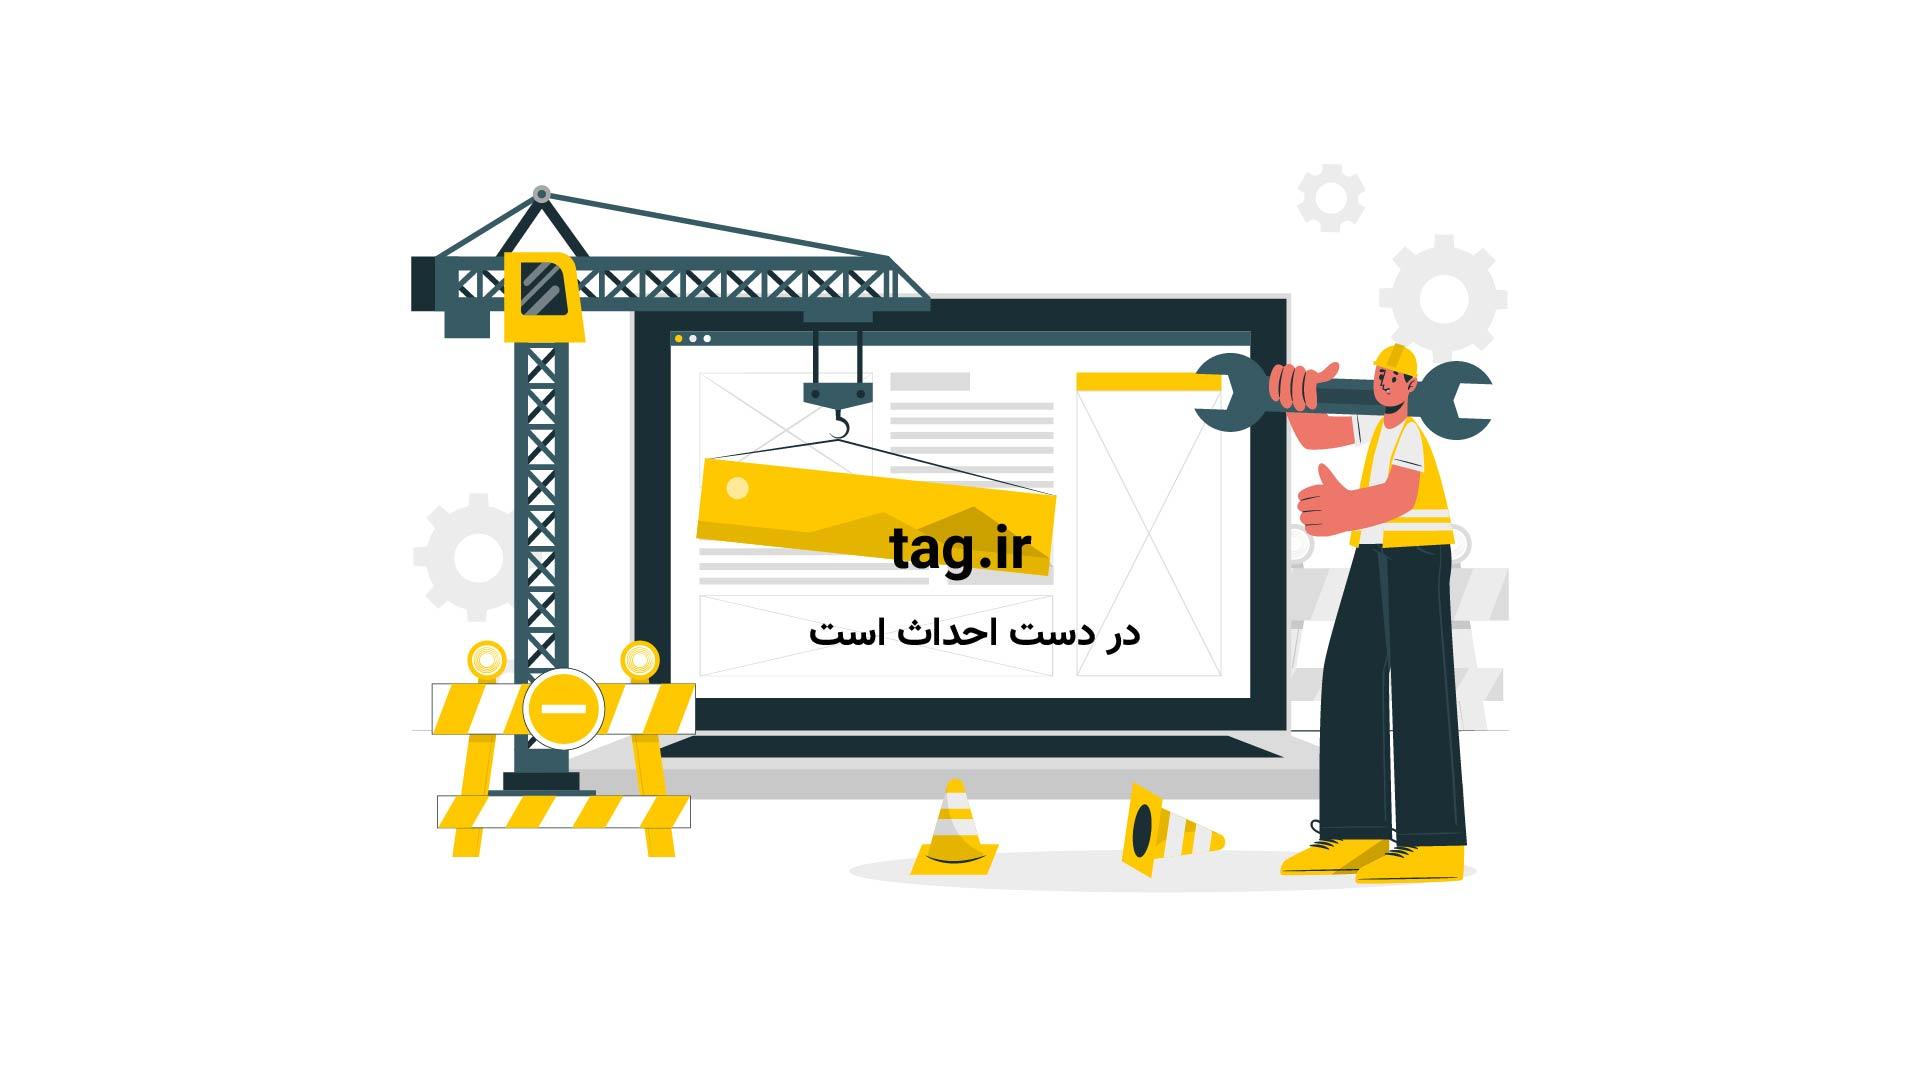 طناب بازی با خودروی جگوار | تگ